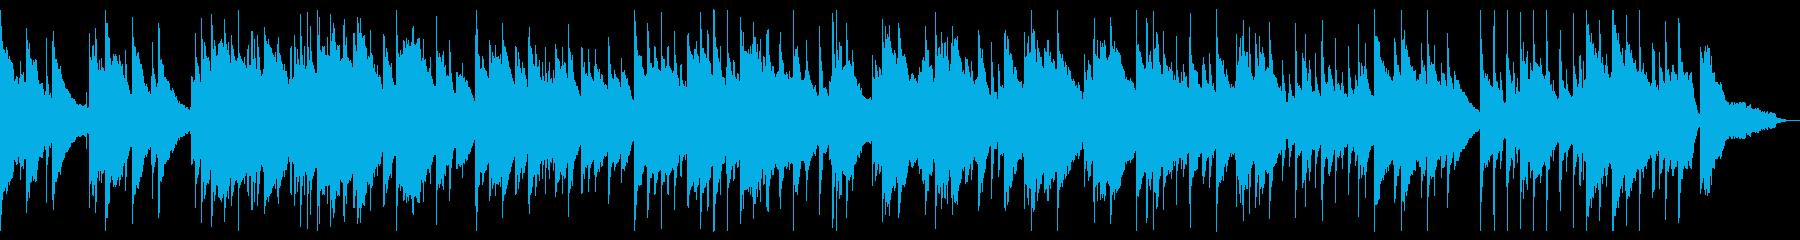 広い空を表現したピアノバラードの再生済みの波形